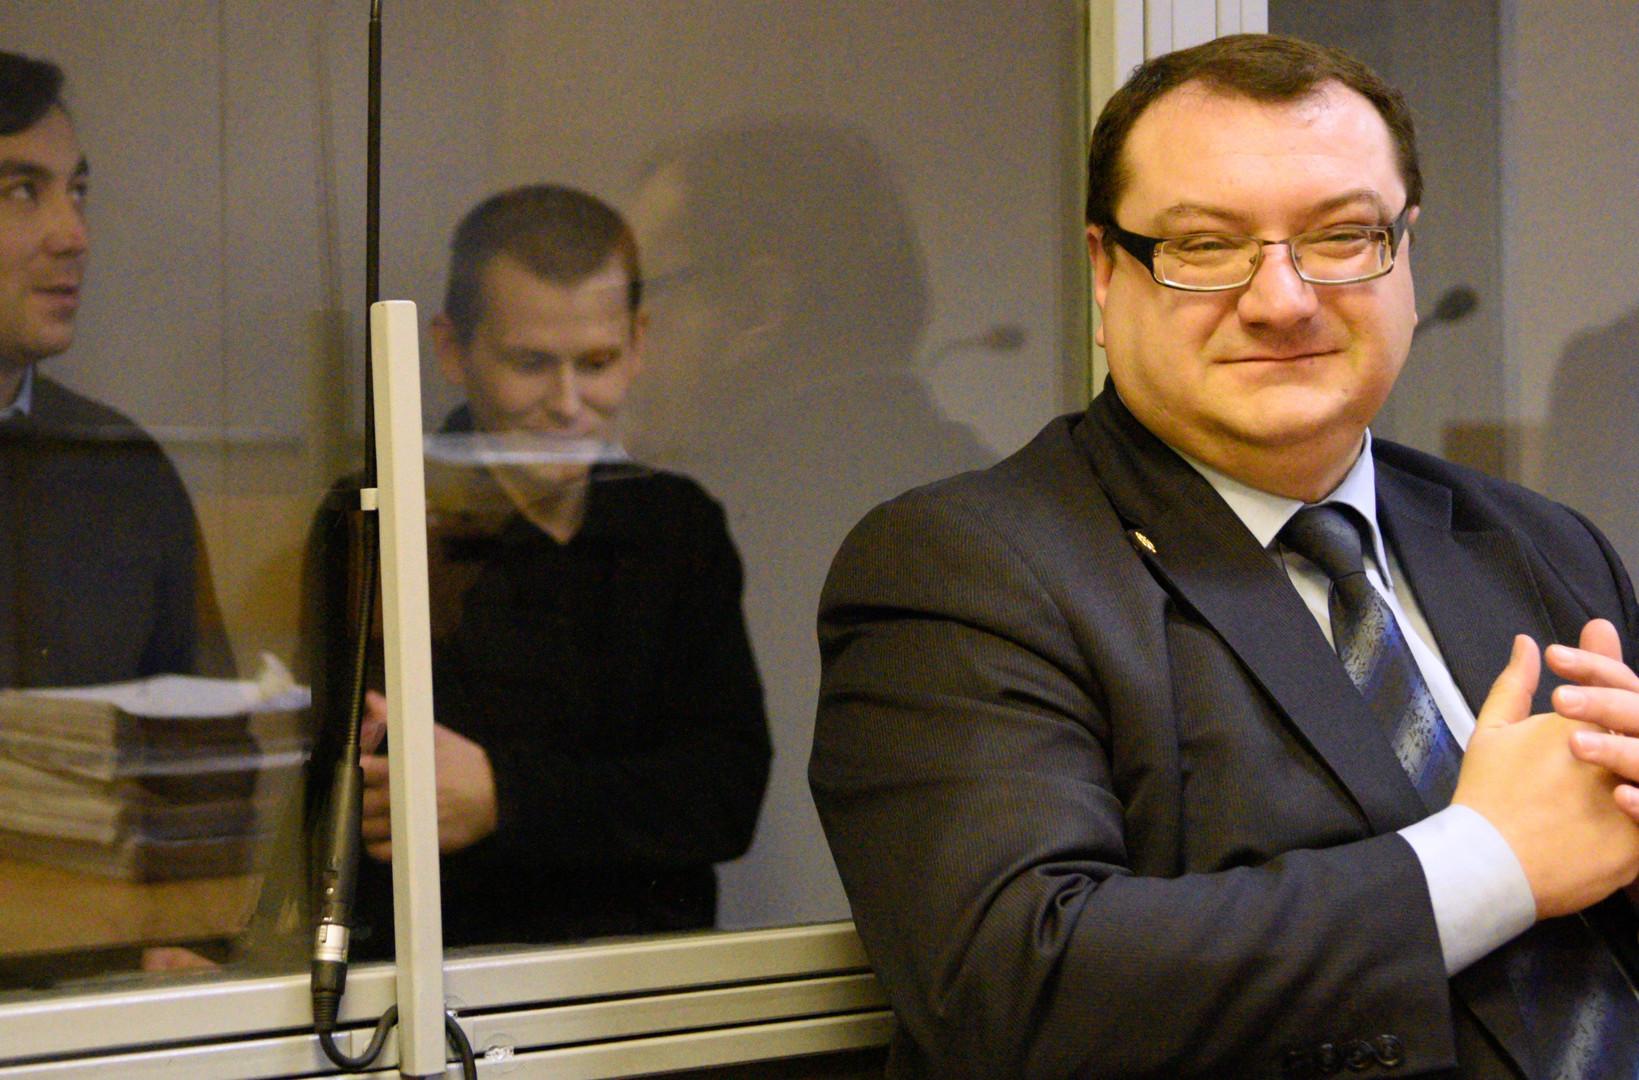 Jurij Grabowskij, Anwalt. Sein Leichnam wurde am 25. März 2016 verstümmelt aufgefunden.